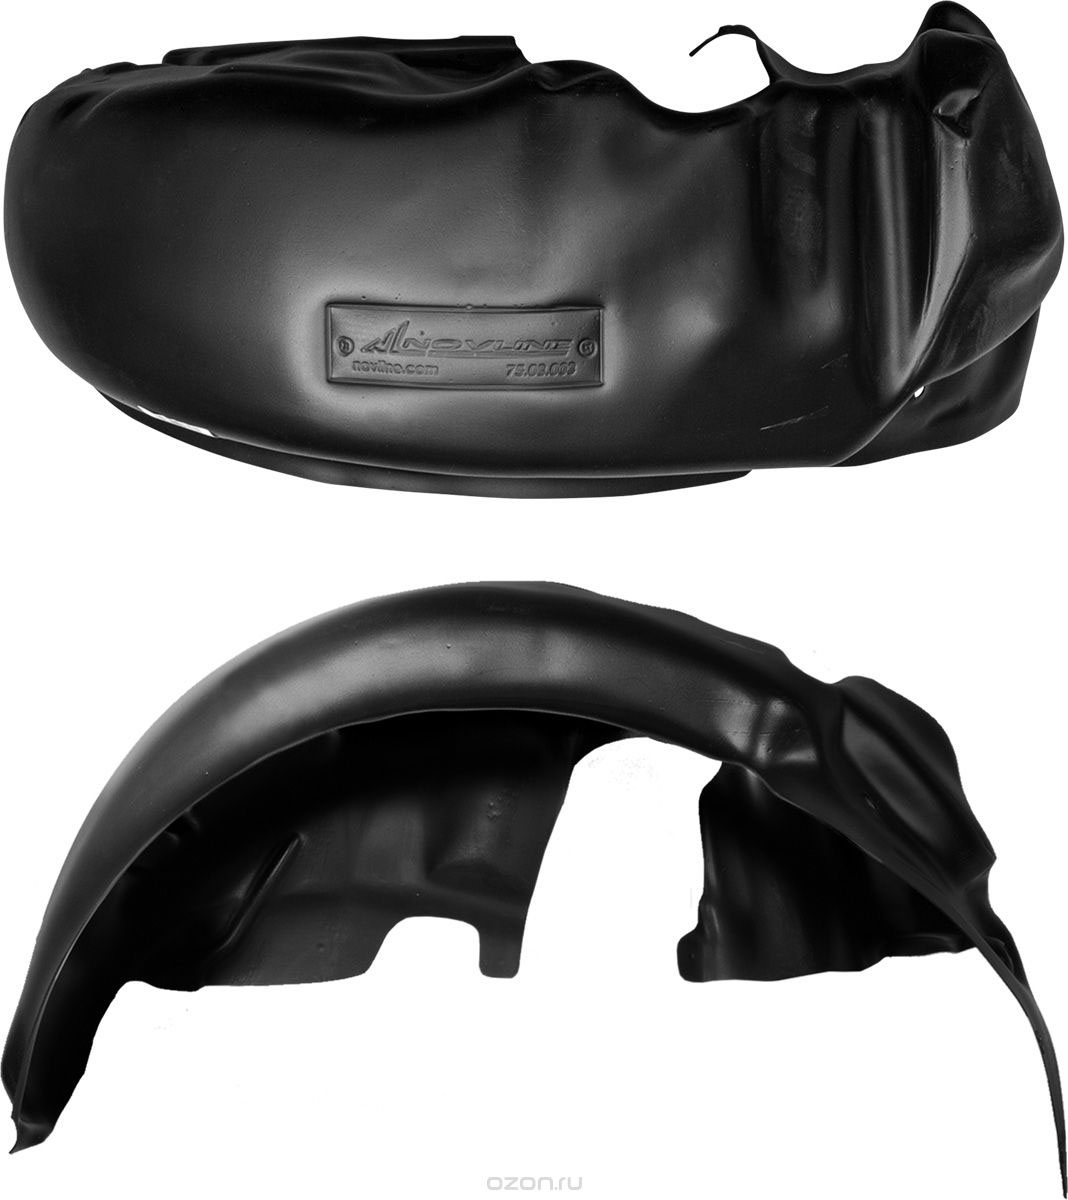 Подкрылок Novline-Autofamily, для TOYOTA Corolla , 2013->, передний правый42803004Идеальная защита колесной ниши. Локеры разработаны с применением цифровых технологий, гарантируют максимальную повторяемость поверхности арки. Изделия устанавливаются без нарушения лакокрасочного покрытия автомобиля, каждый подкрылок комплектуется крепежом. Уважаемые клиенты, обращаем ваше внимание, что фотографии на подкрылки универсальные и не отражают реальную форму изделия. При этом само изделие идет точно под размер указанного автомобиля.